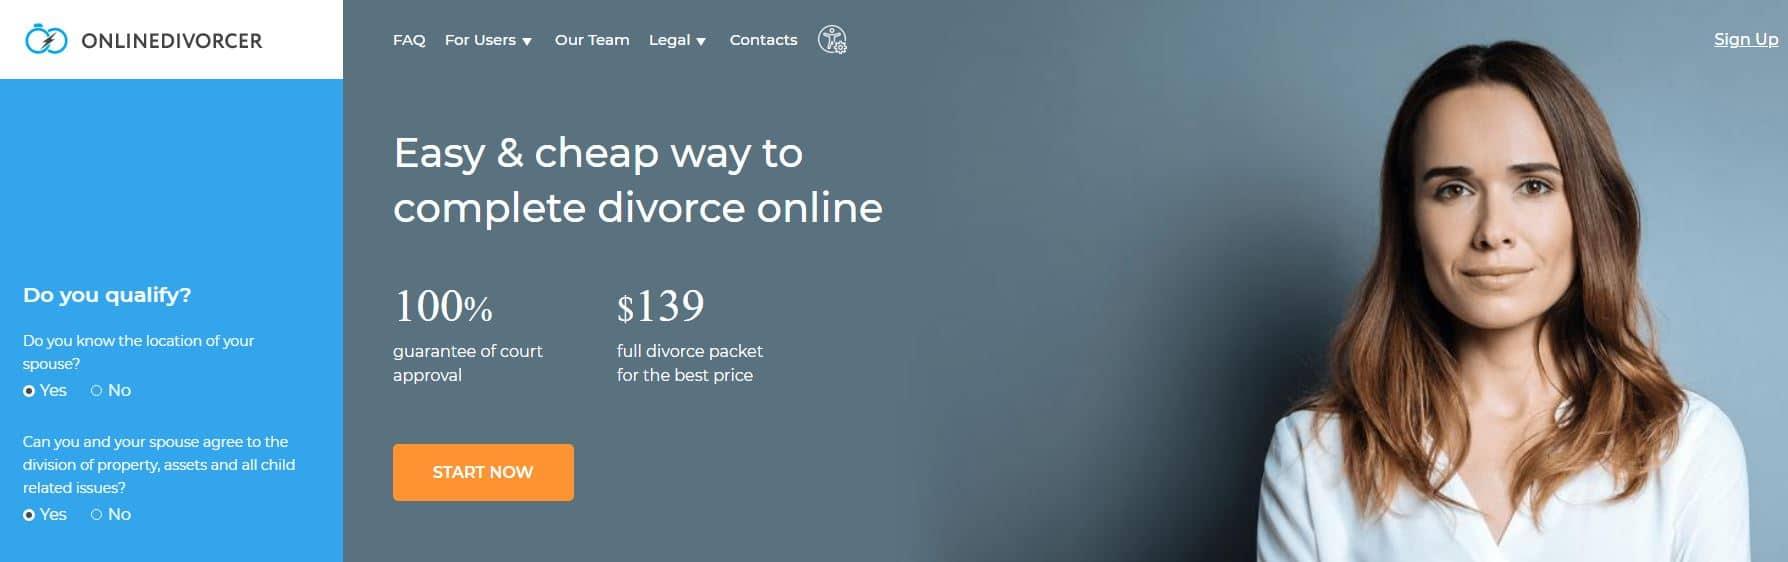 onlinedivorcer.com